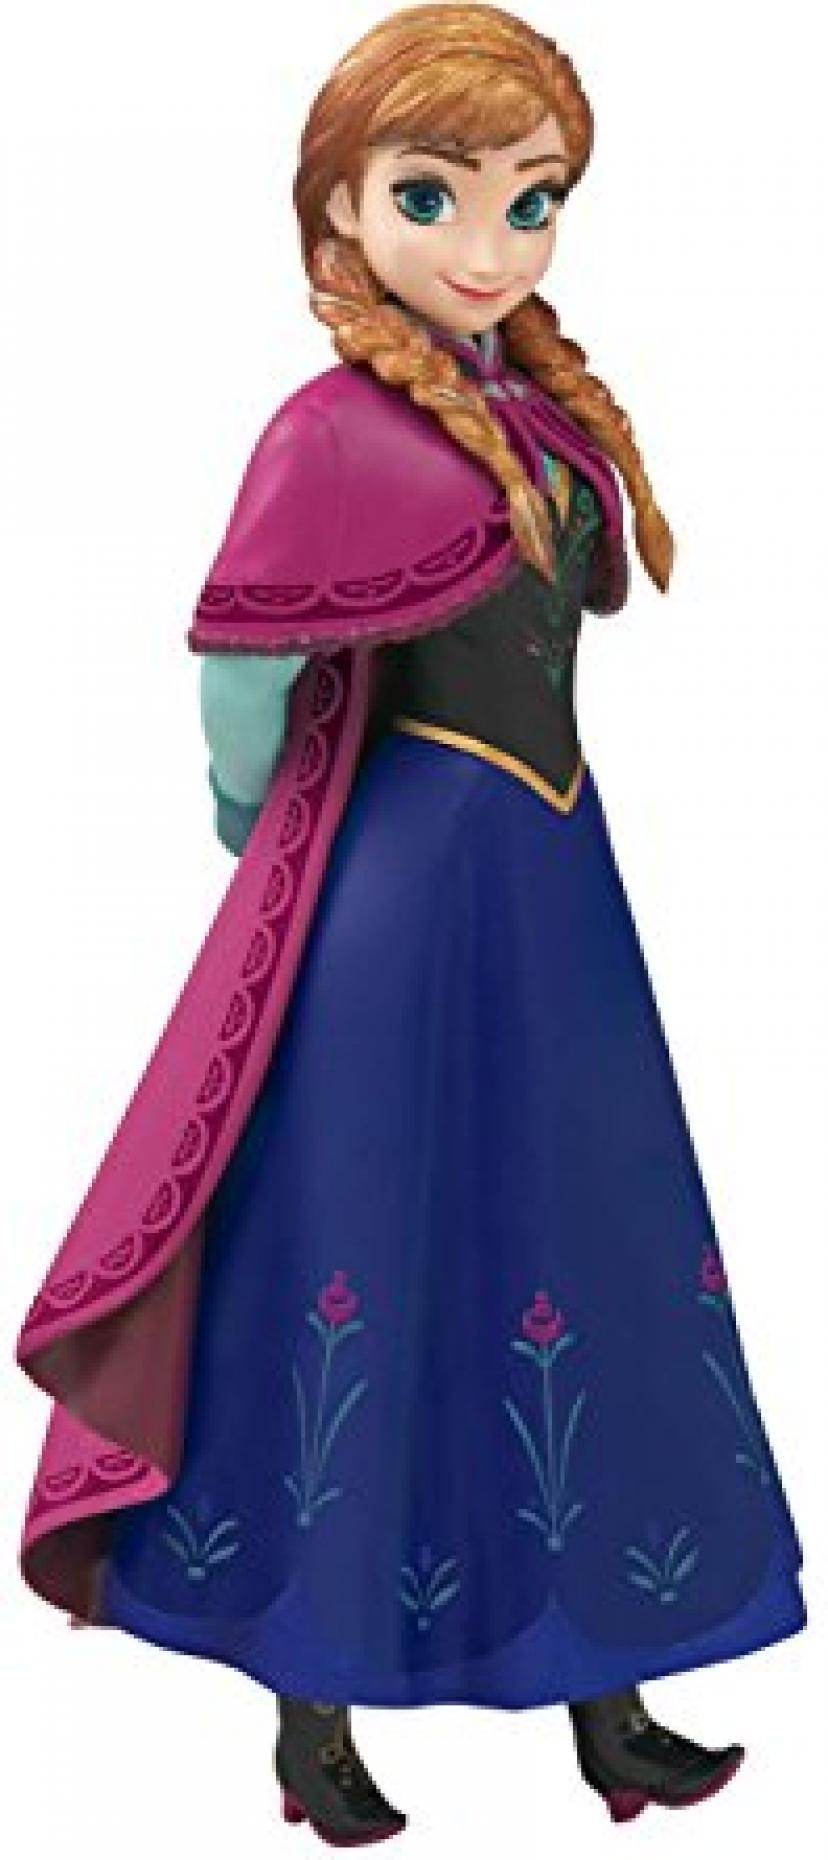 アナ『アナと雪の女王』